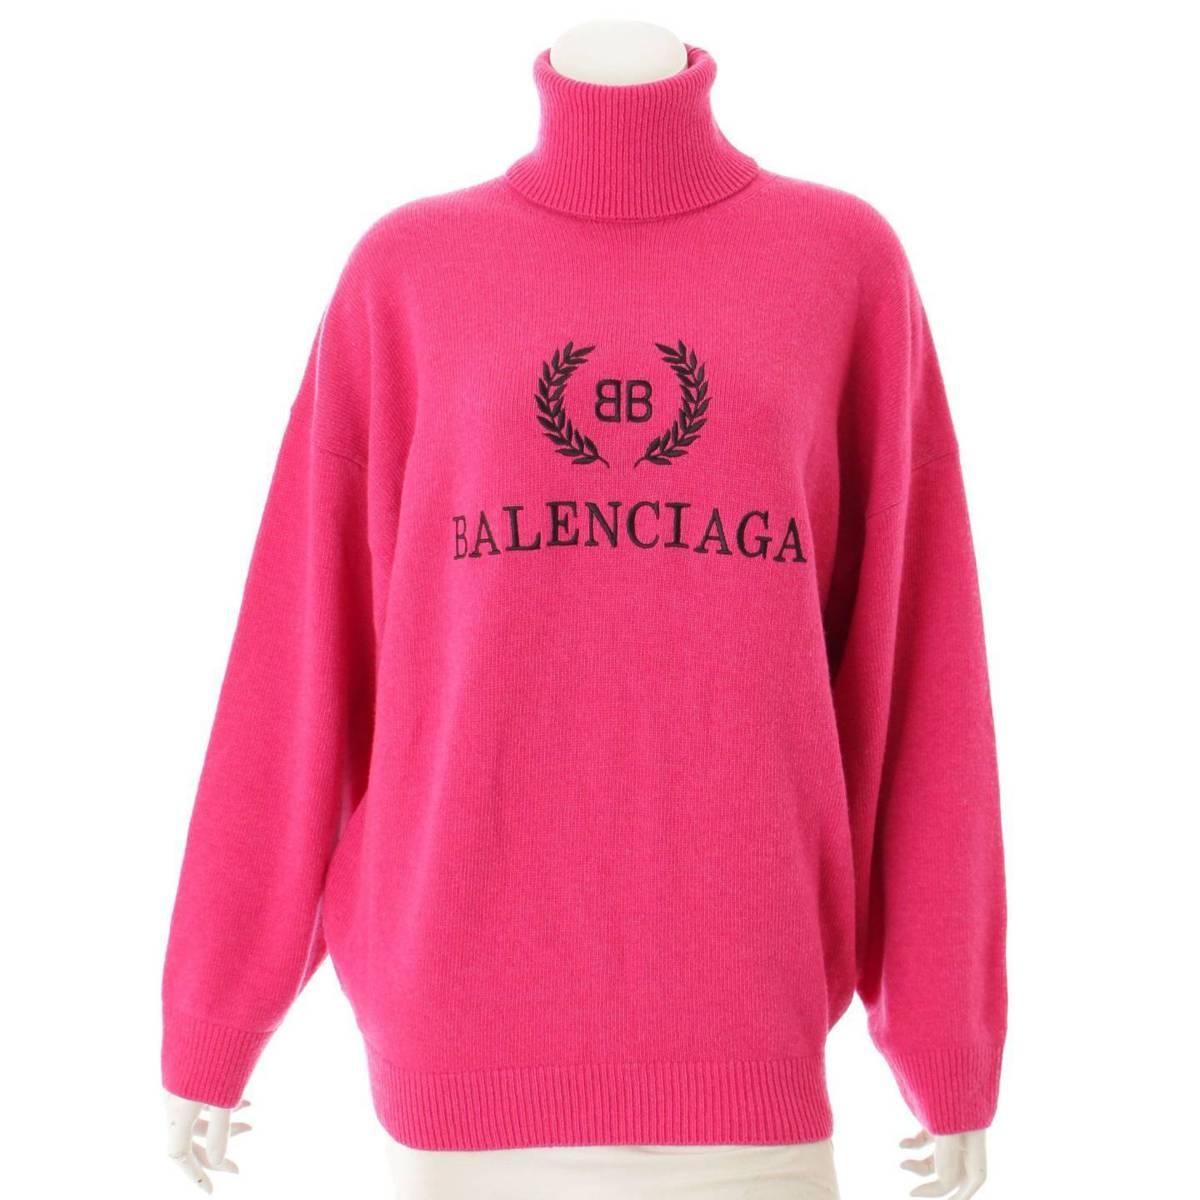 【バレンシアガ】Balenciaga BBロゴ刺繍 エンブロイダリー タートルネックセーター 542618 ピンク XS 【中古】【鑑定済・正規品保証】86850